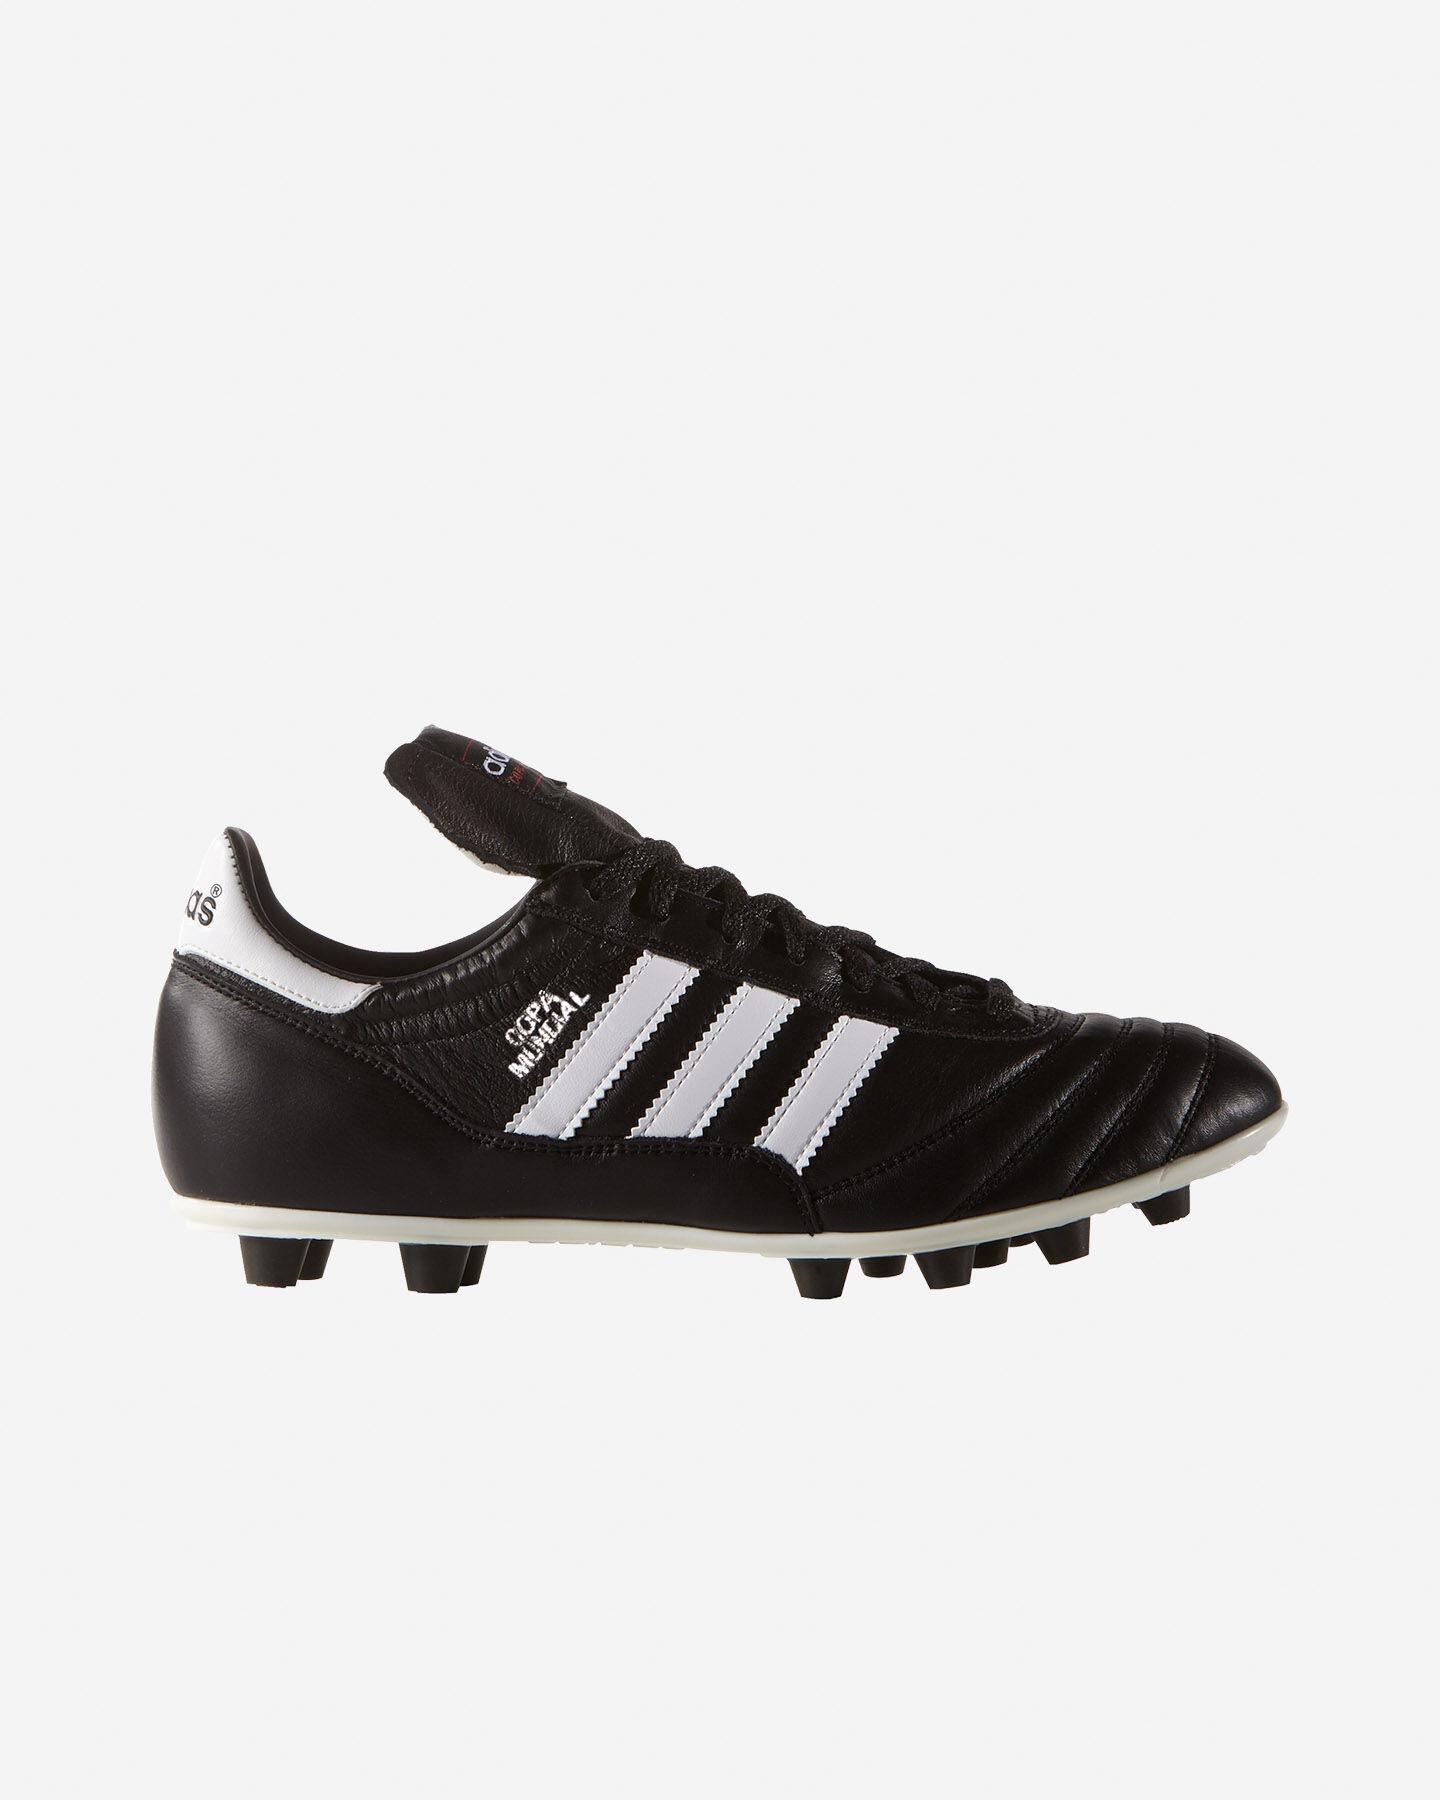 scarpe da calcio per bambini adidas copa bianche